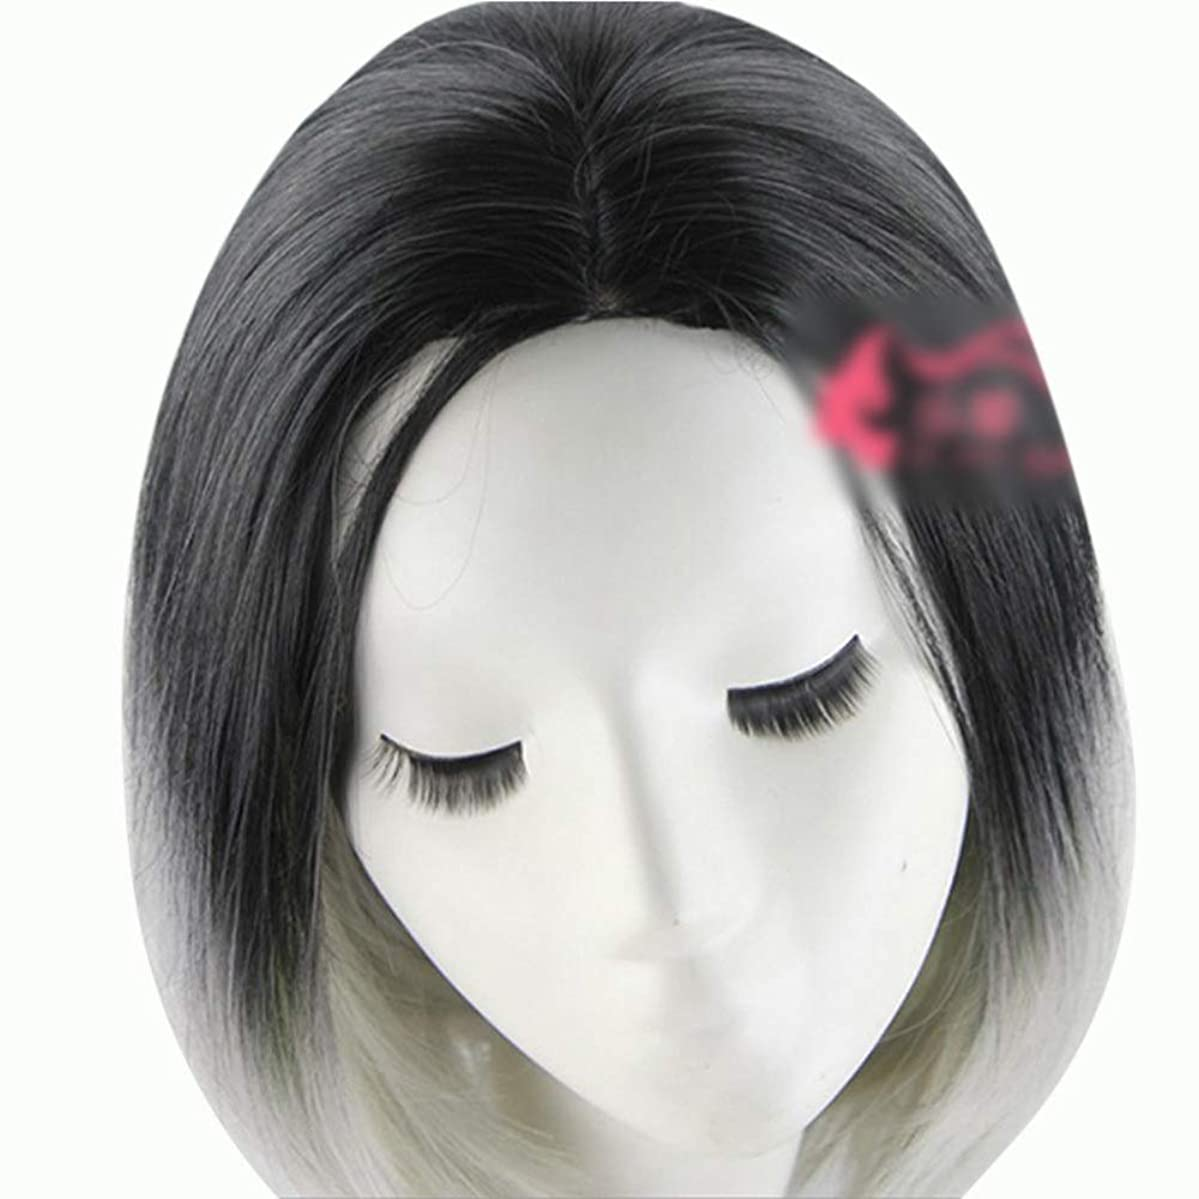 視聴者差別する複合WASAIO 人工毛髪グレーダークショートボブヘアウィッグ36cm (色 : グレー)